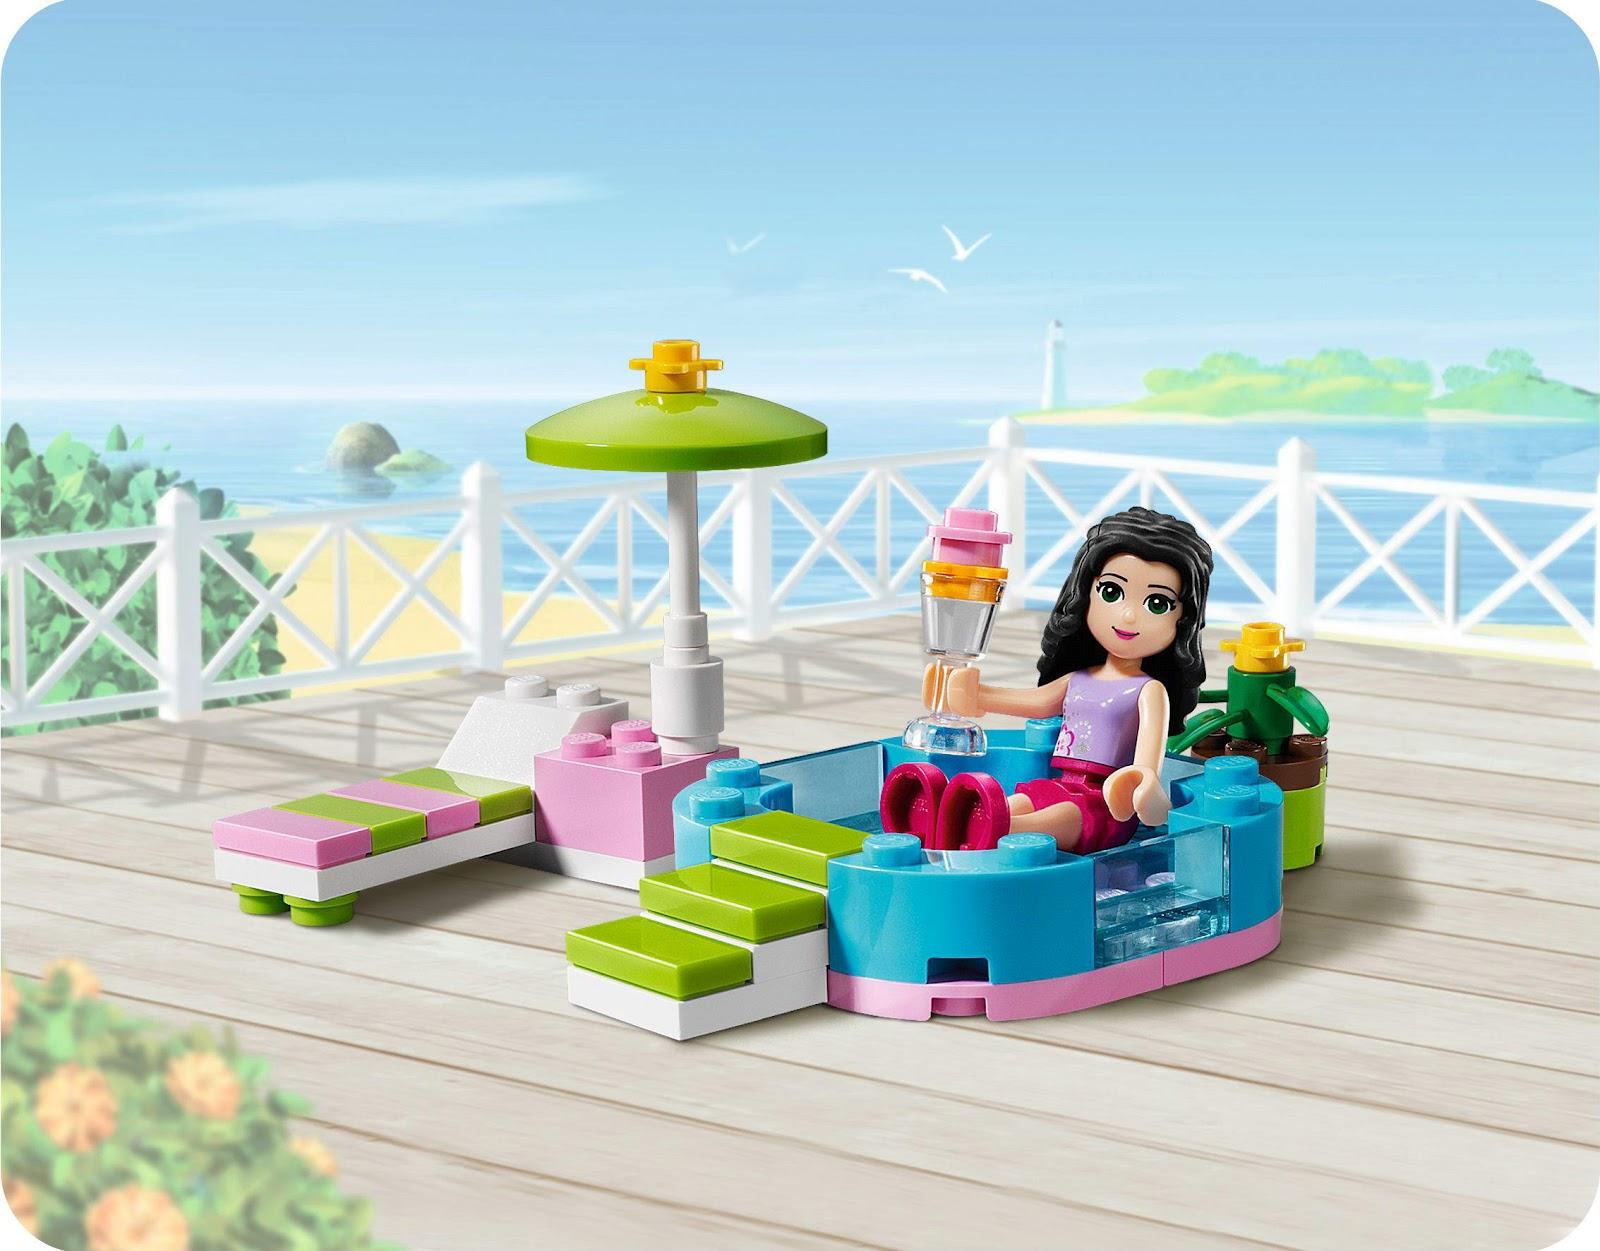 Фото девочек у которых луджеи друзья игрушки 19 фотография